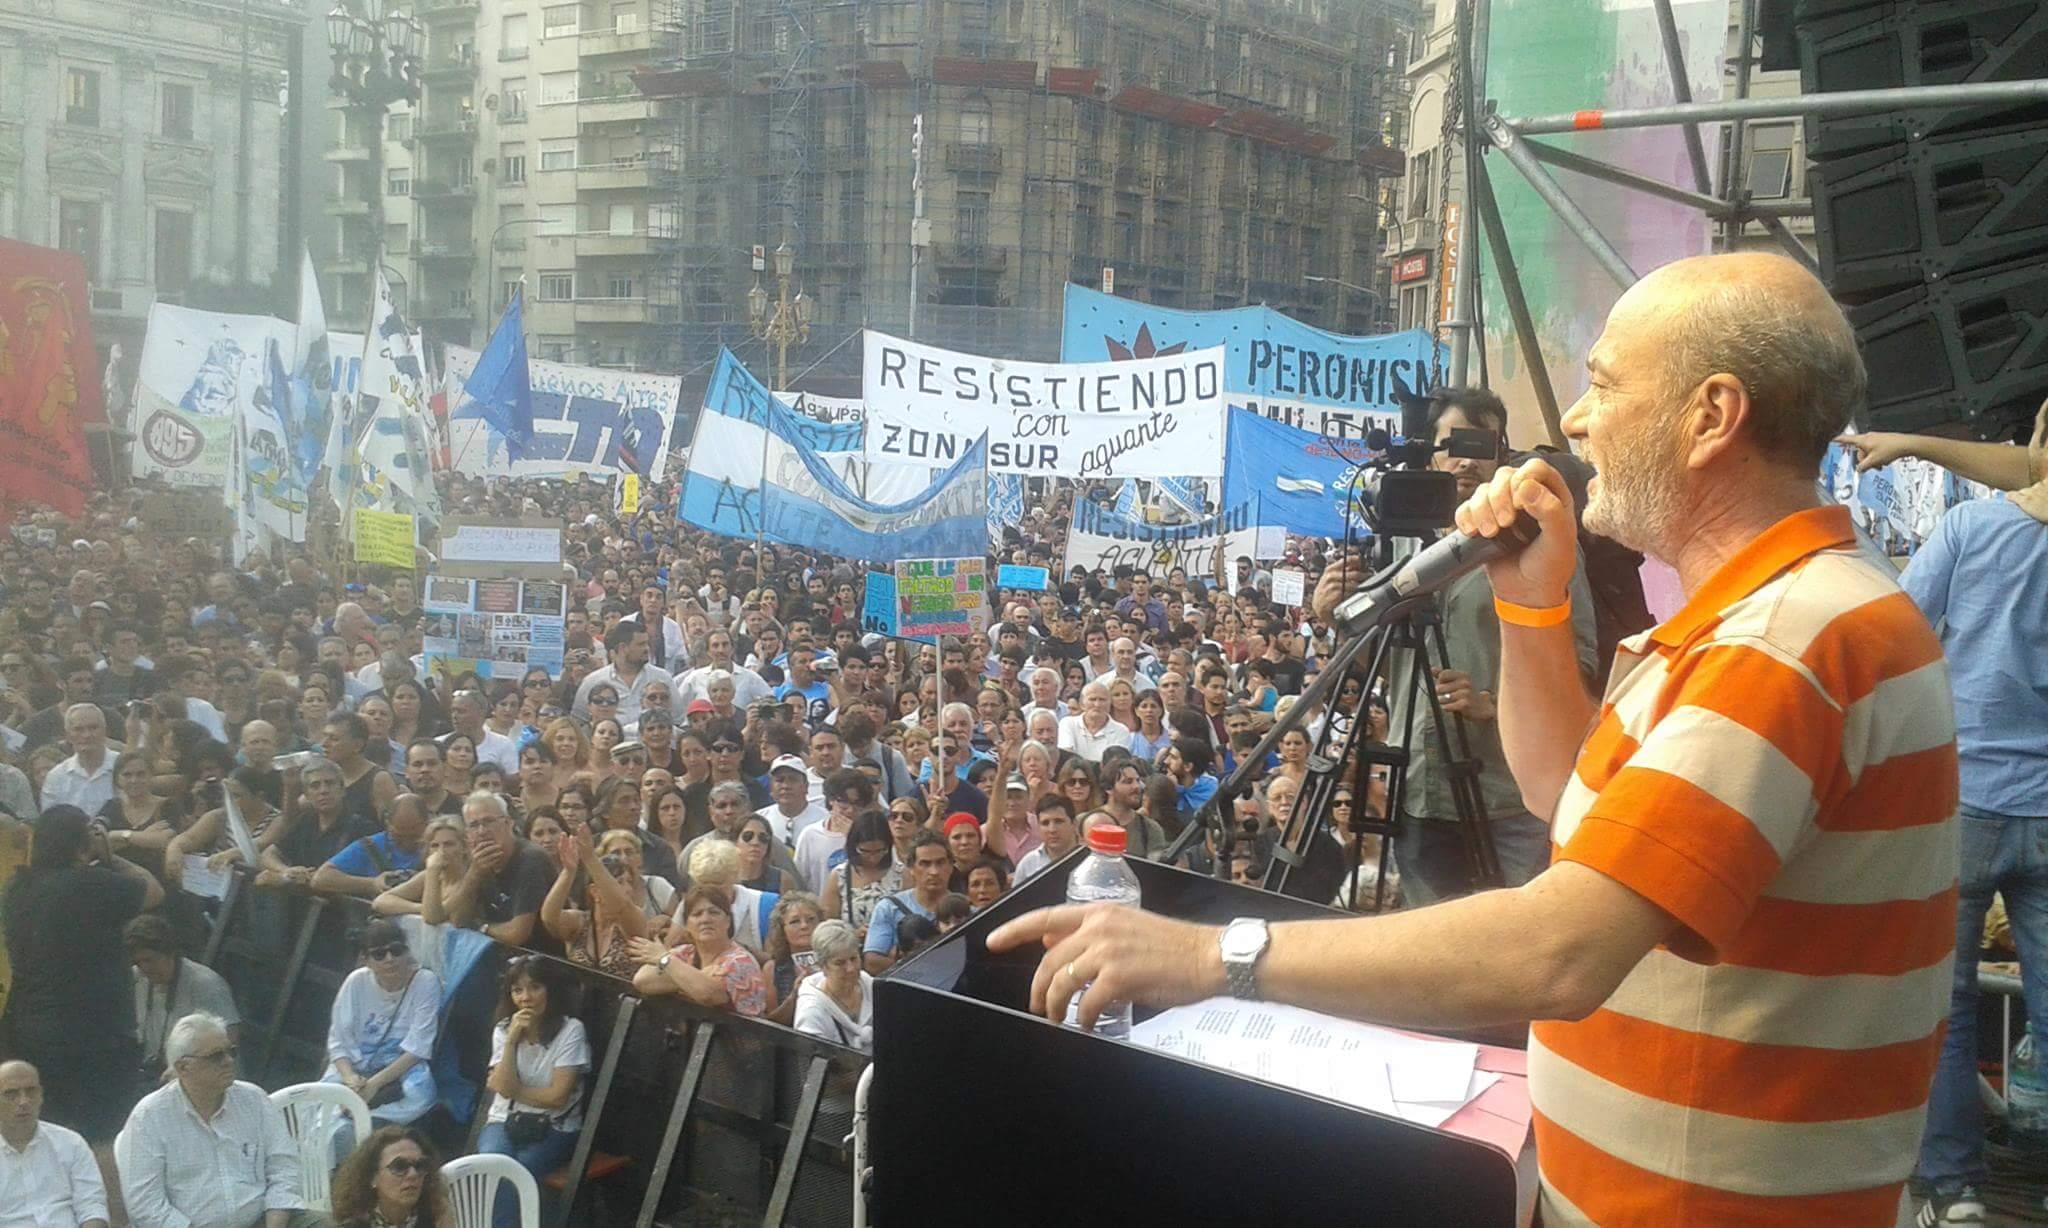 http://www.lacorameco.com.ar/imagenes/a3.jpeg